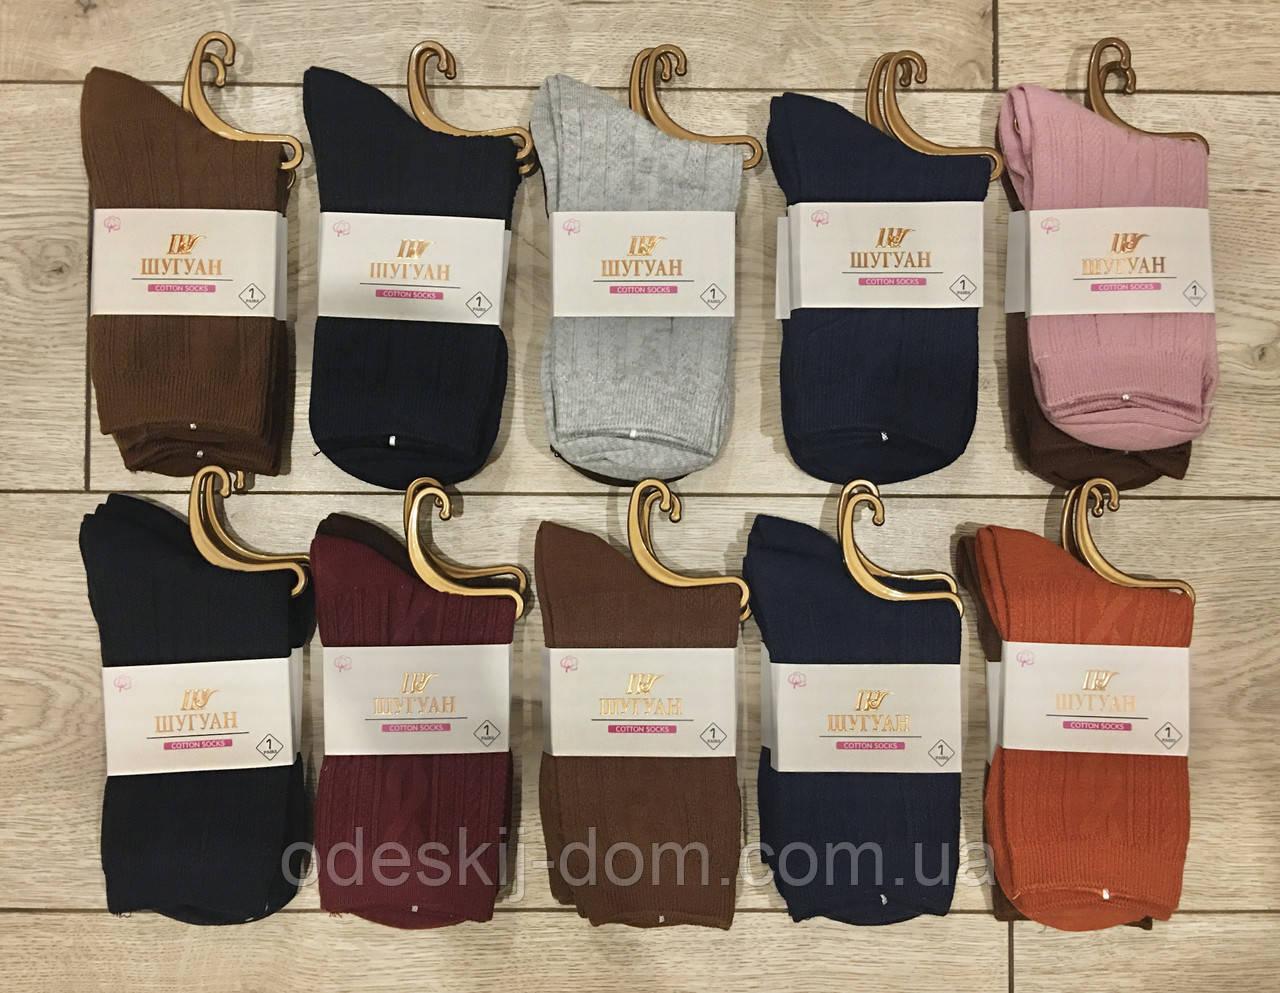 Плотные хлопковые женские носки в рубчик тм Шугуан